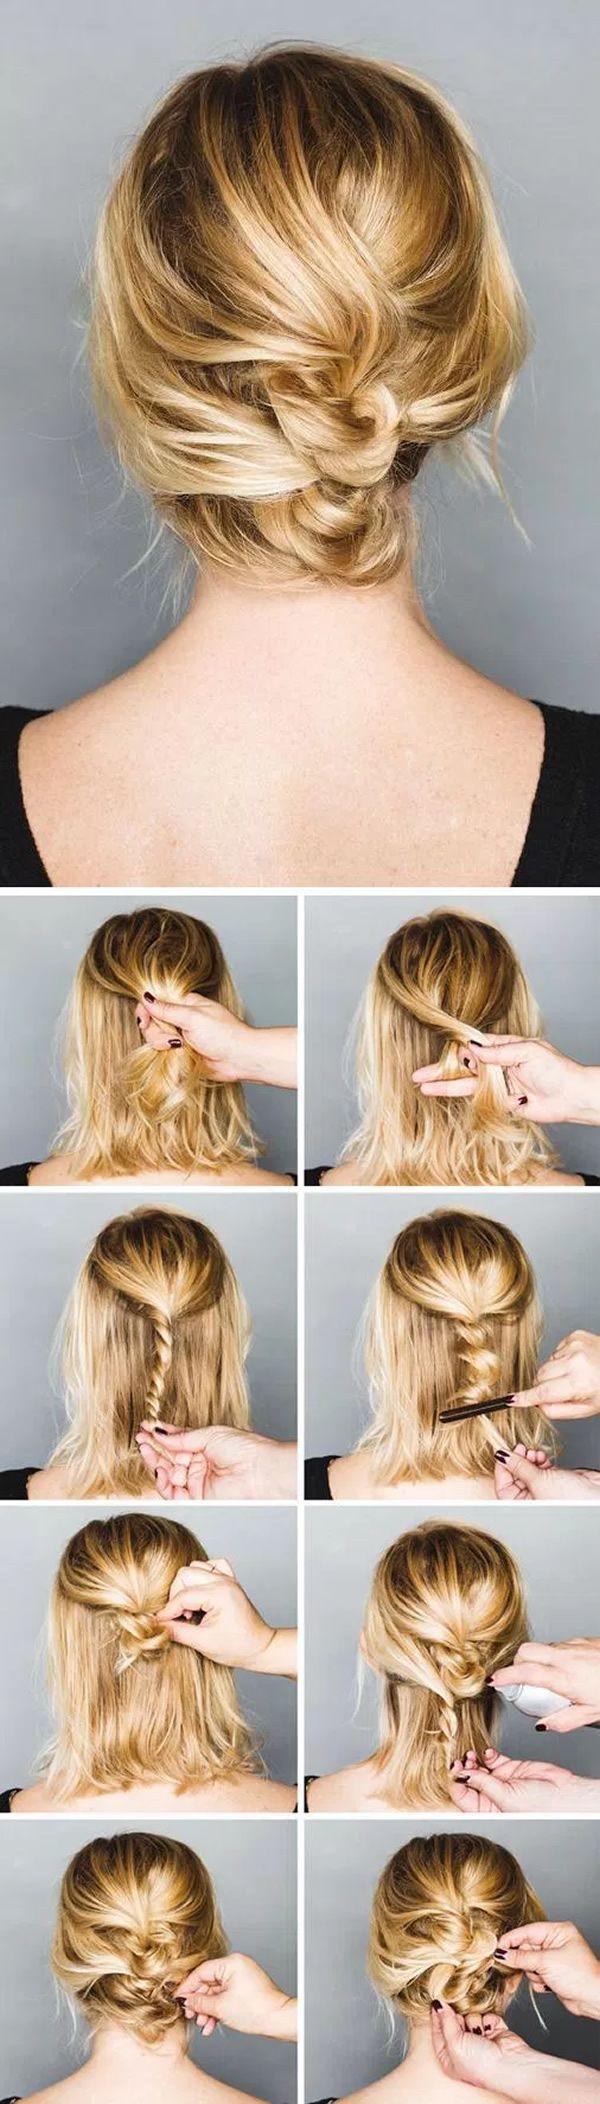 Checa estos peinados recogidos. Son perfectos para cabello corto o pelo largo, y son muy fáciles de hacer! PeinadosRecogidos | PeinadosFáciles